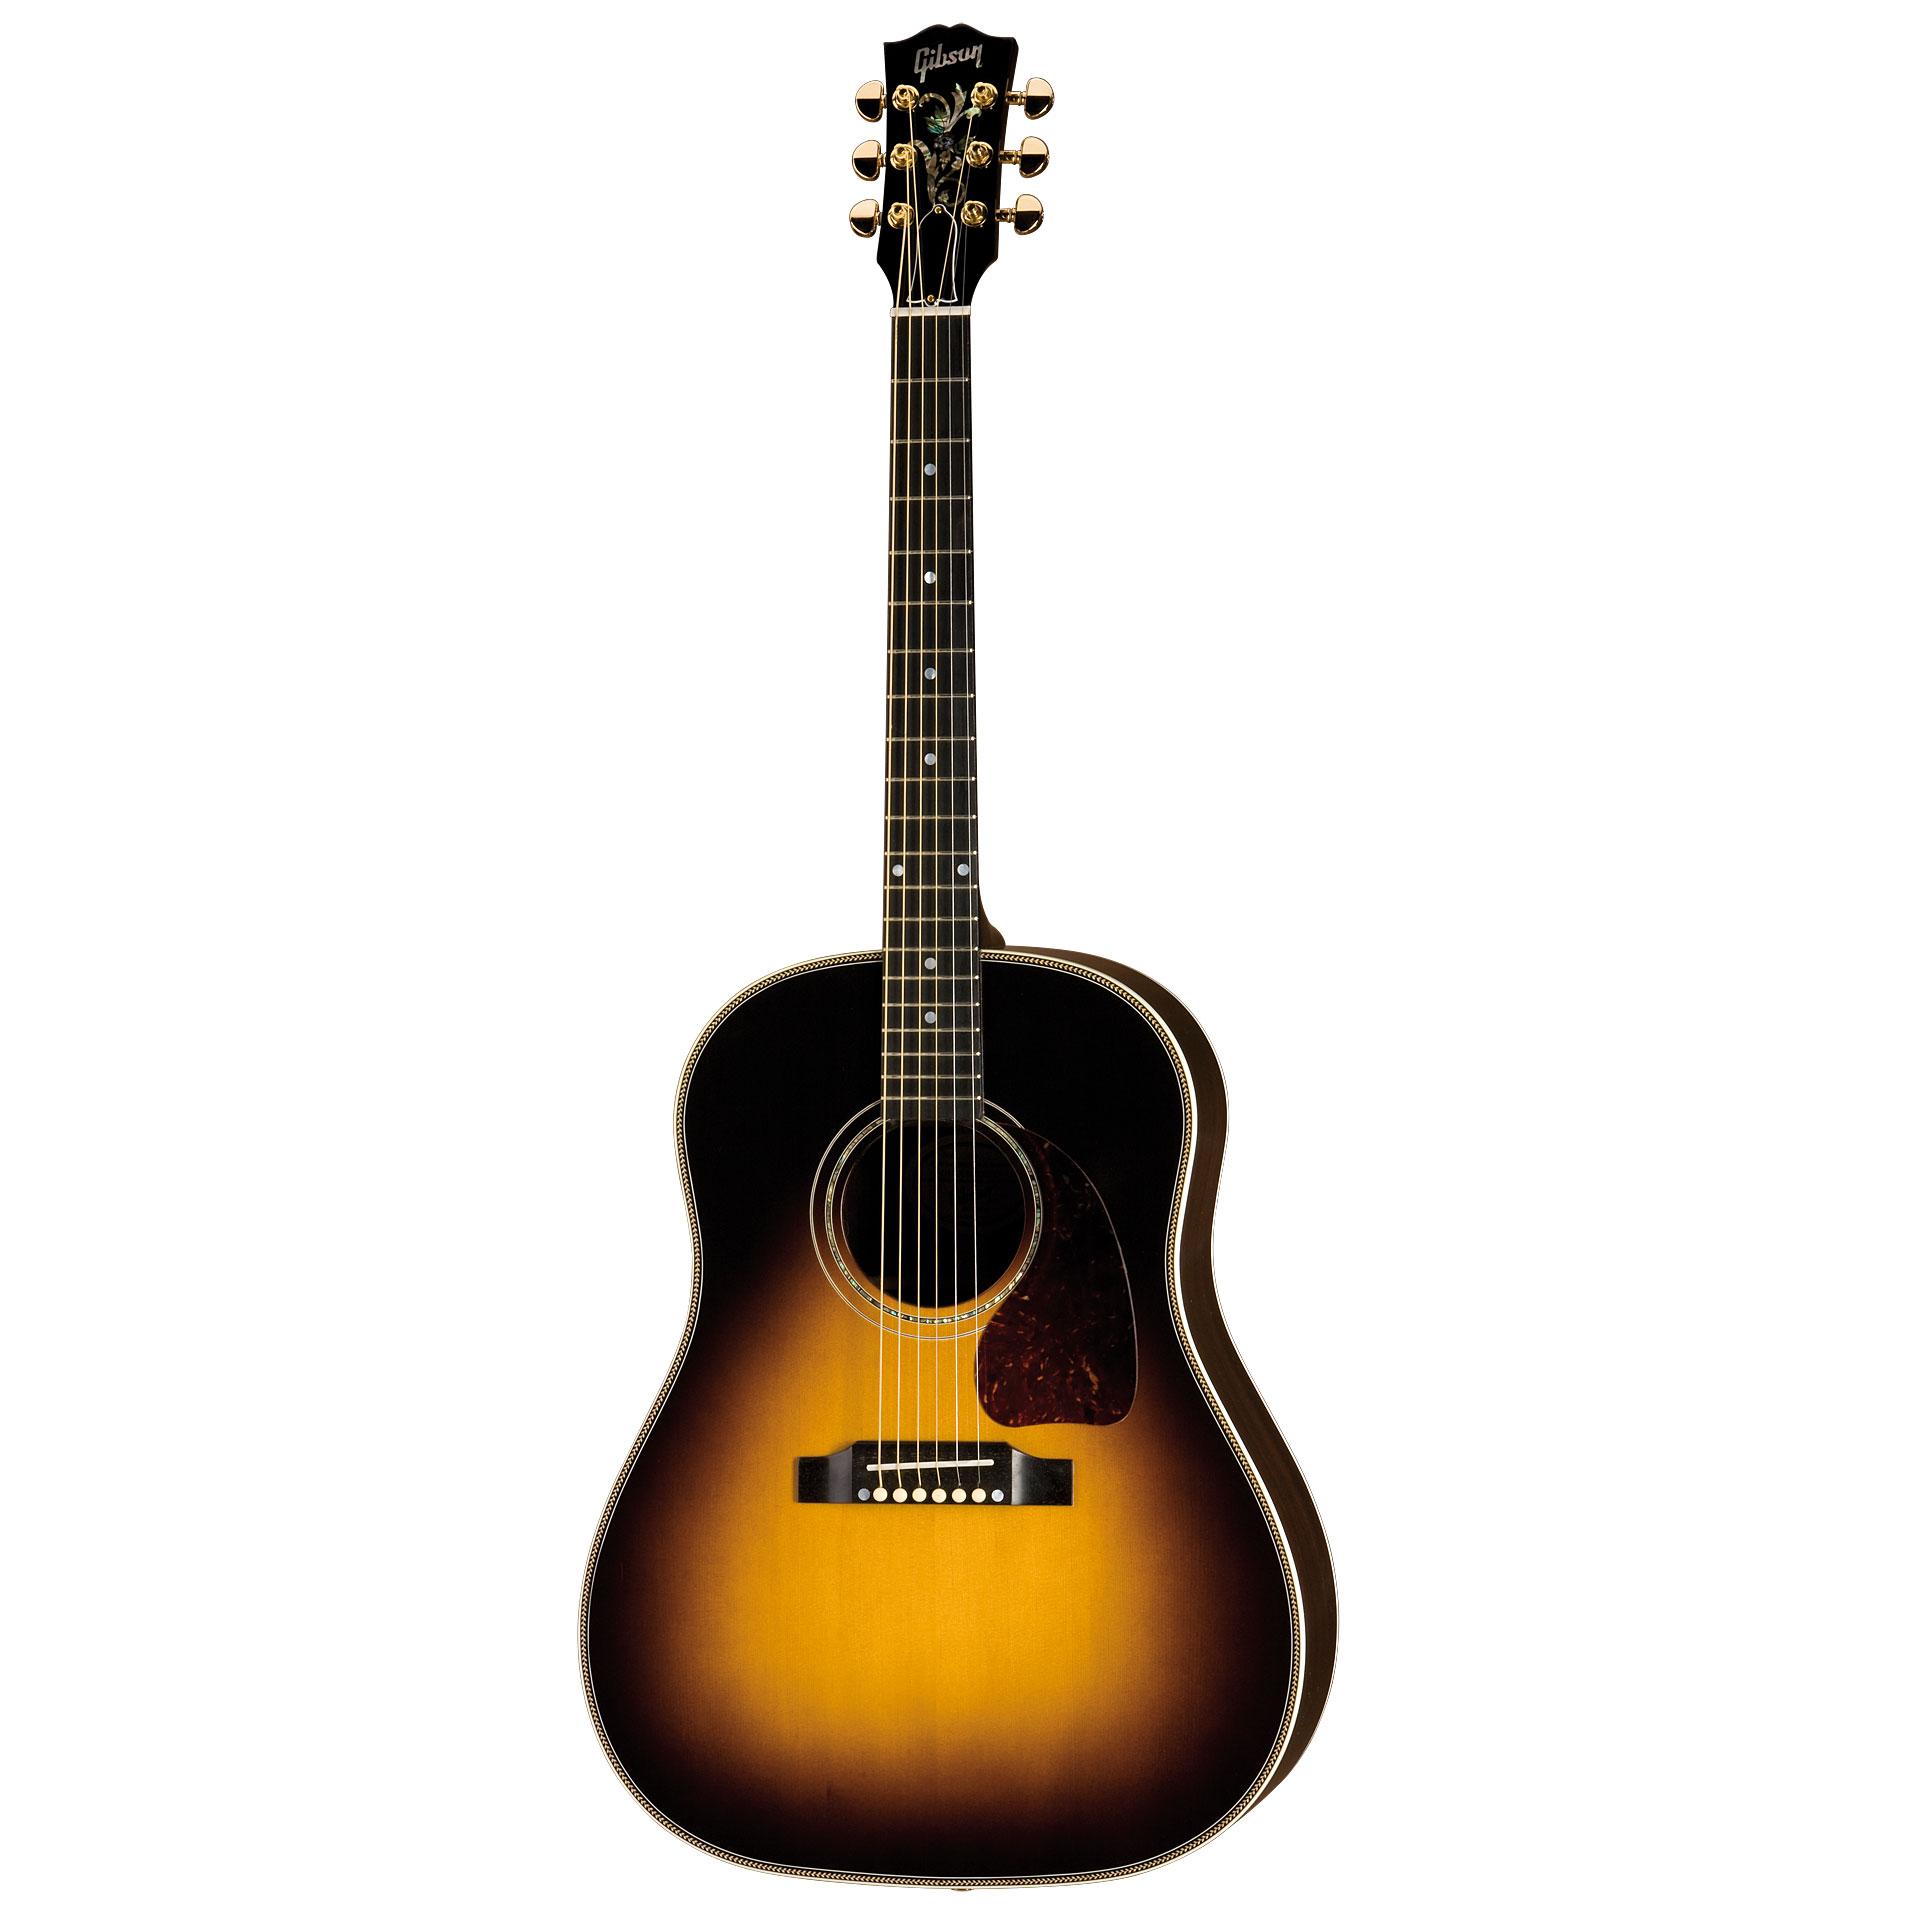 Guitar Wallpaper Hd For Desktop: Gibson Guitar Wallpaper HD